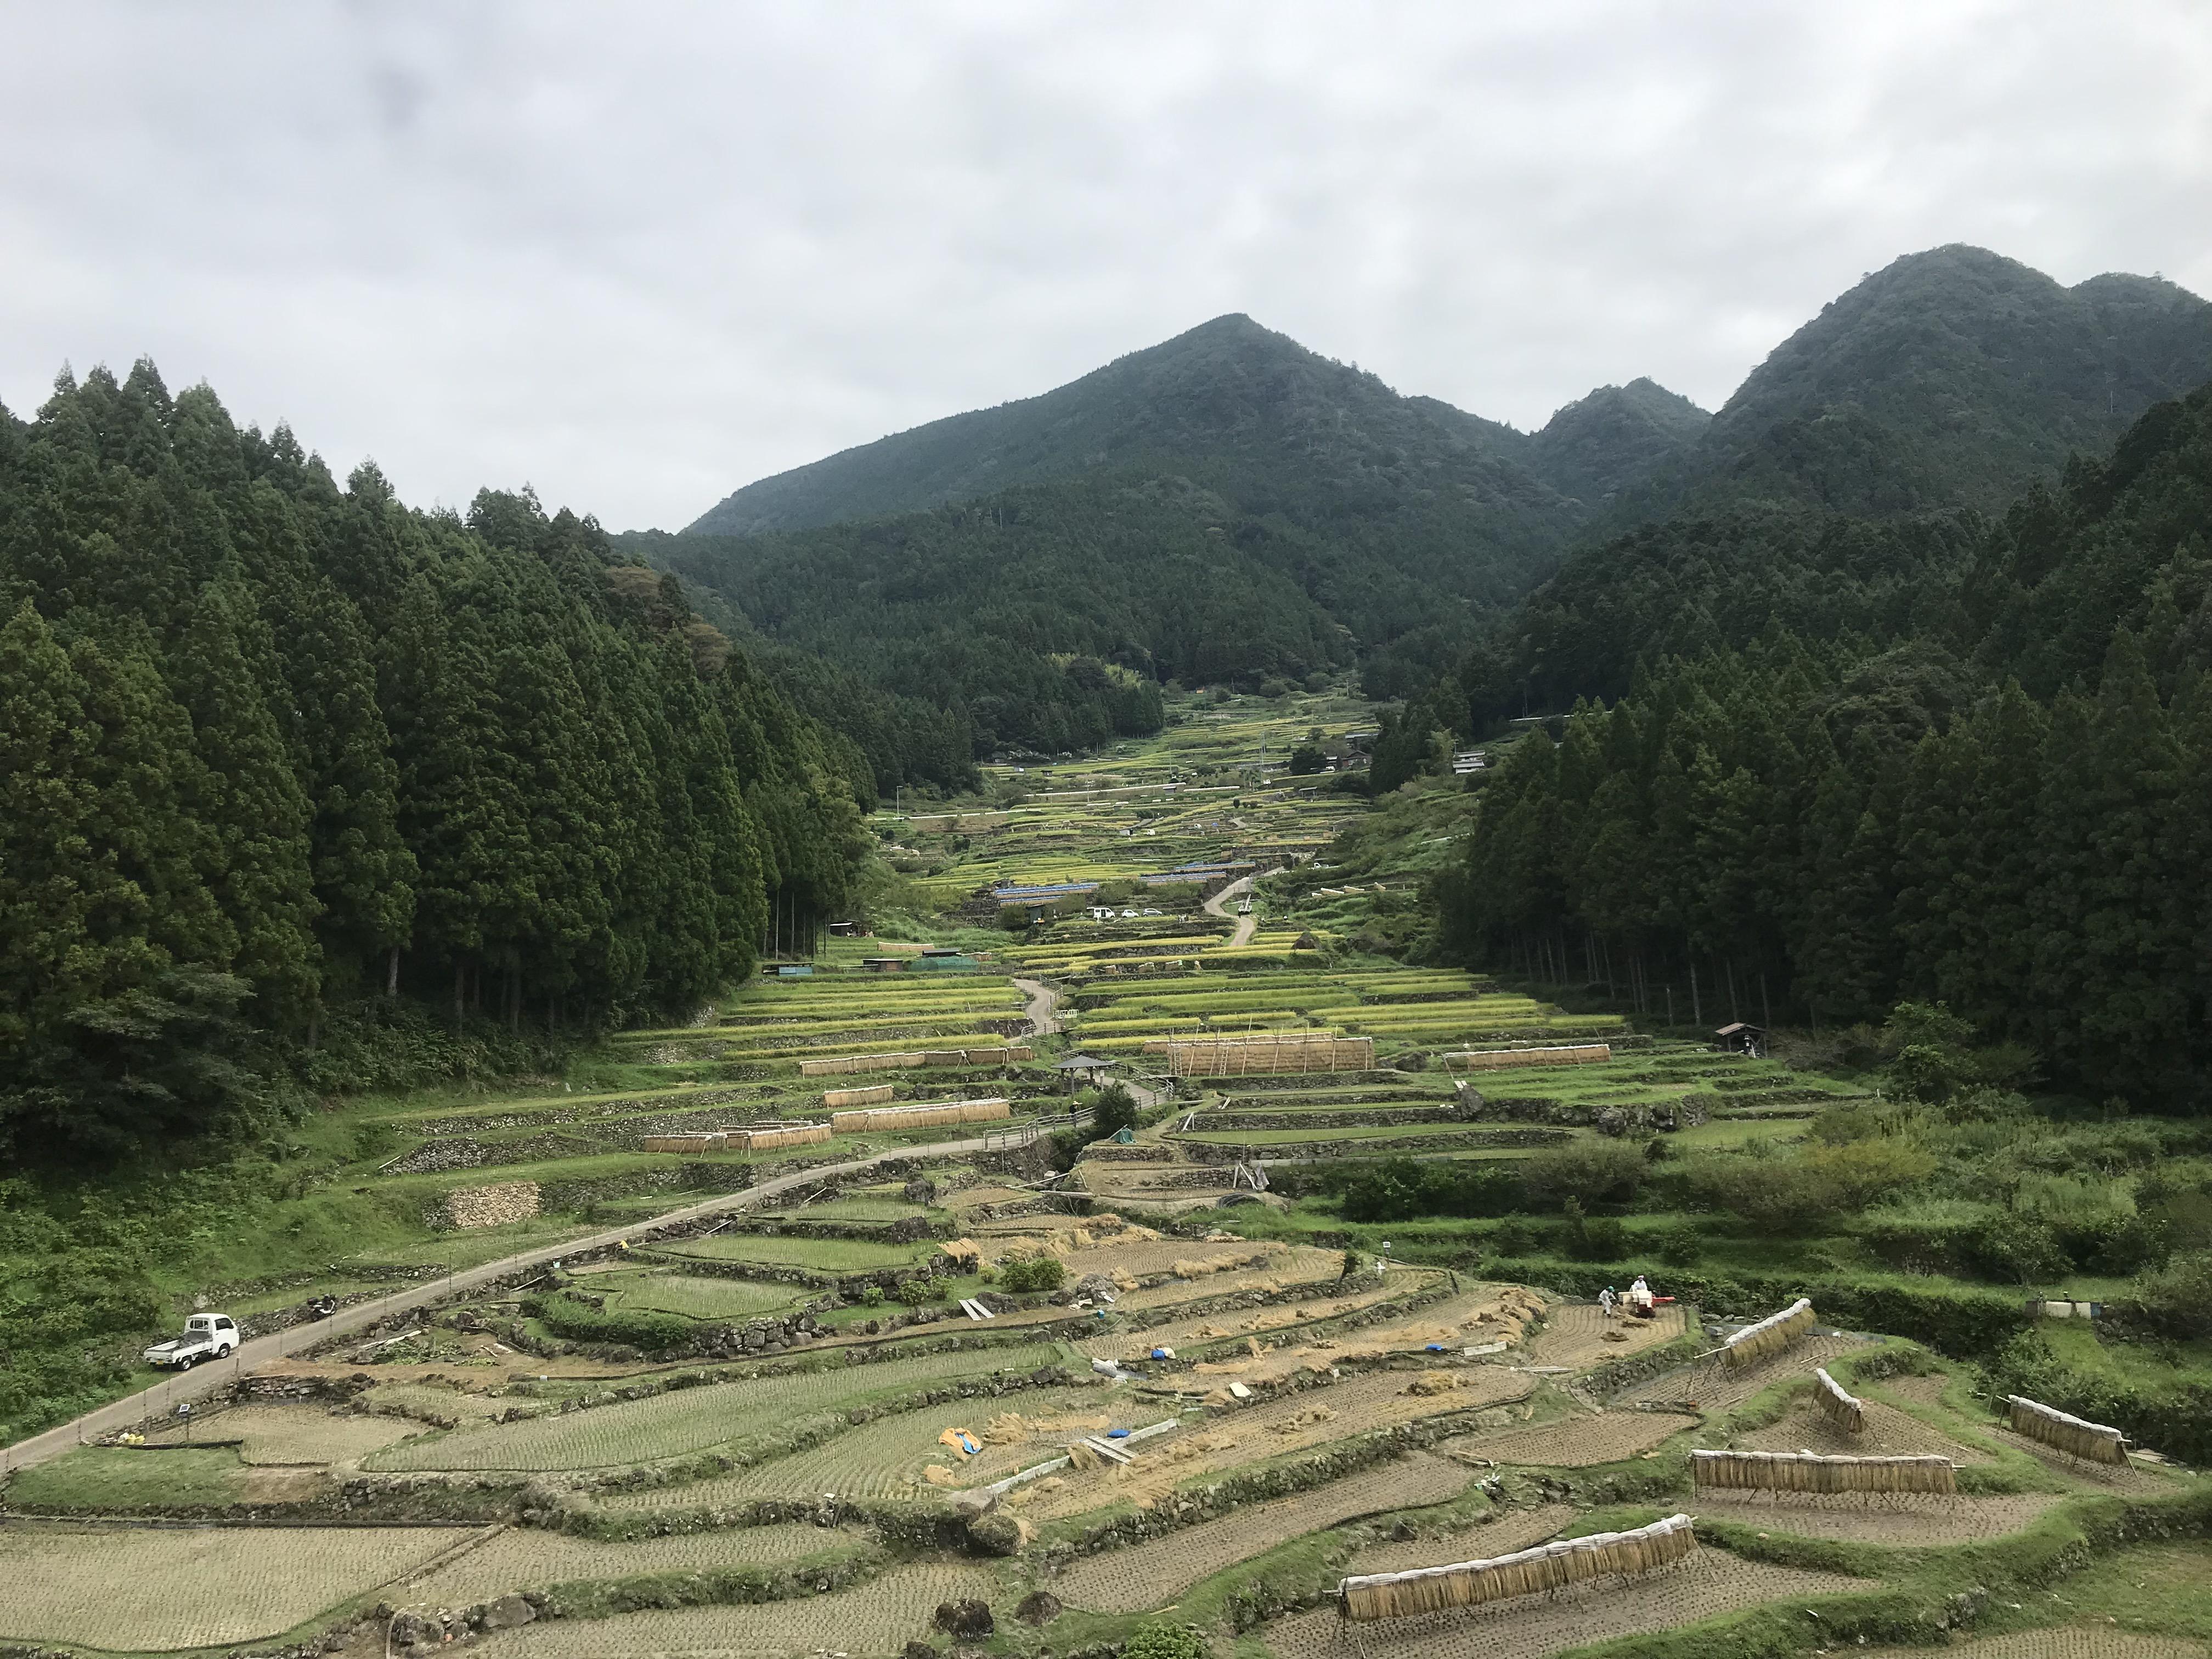 愛知の千枚田へツーリング!神奈川では見れない景色に感動!